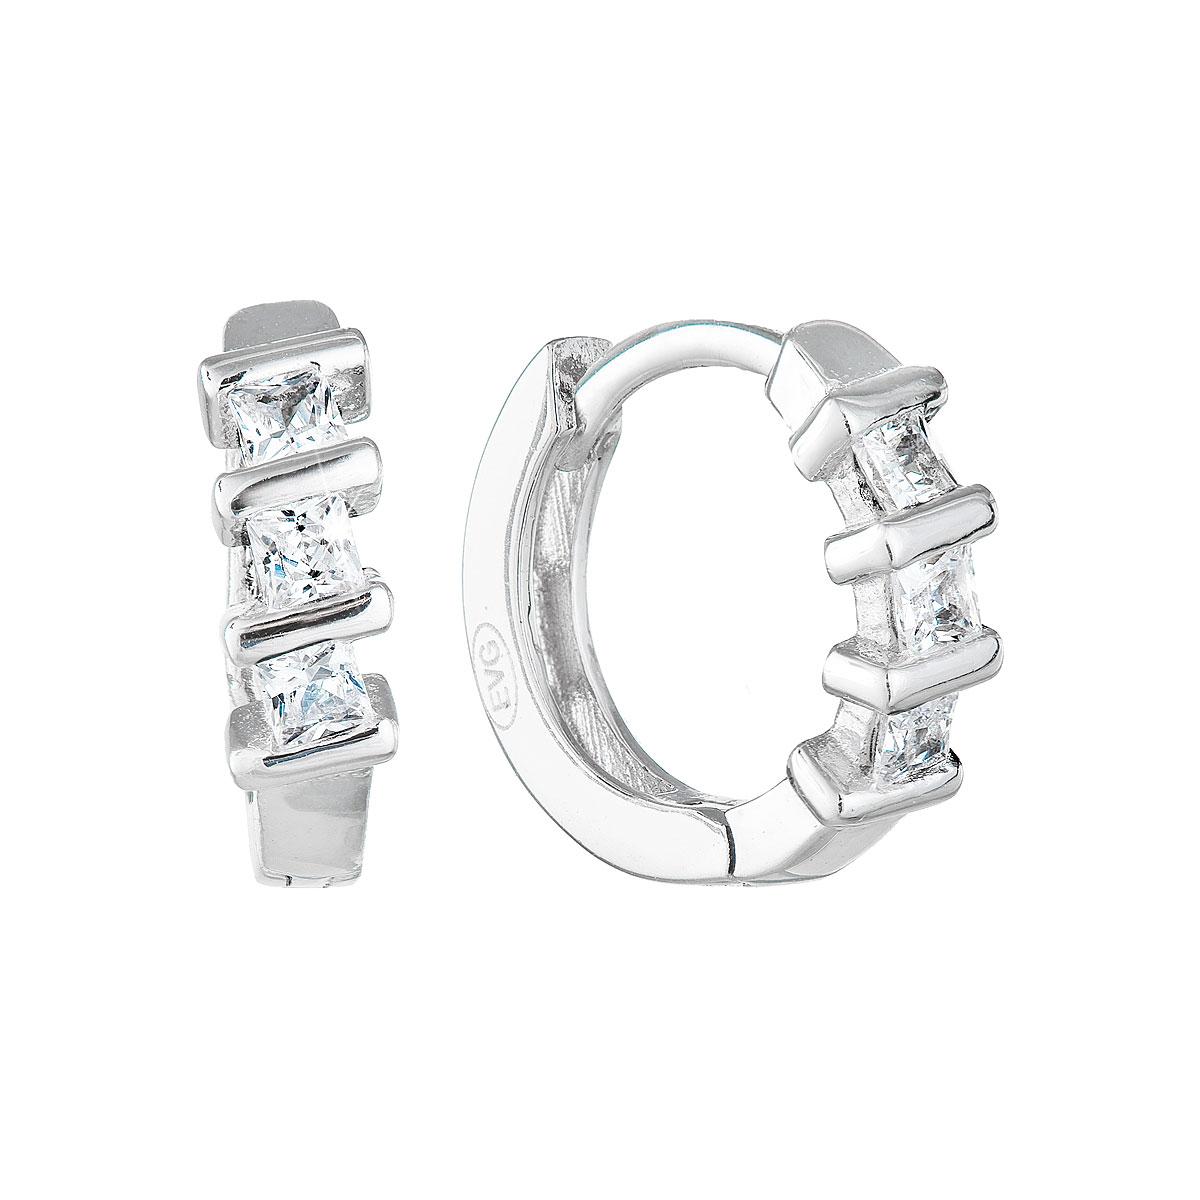 Strieborné náušnice kruhy so zirkónom v bielej farbe 11241.1